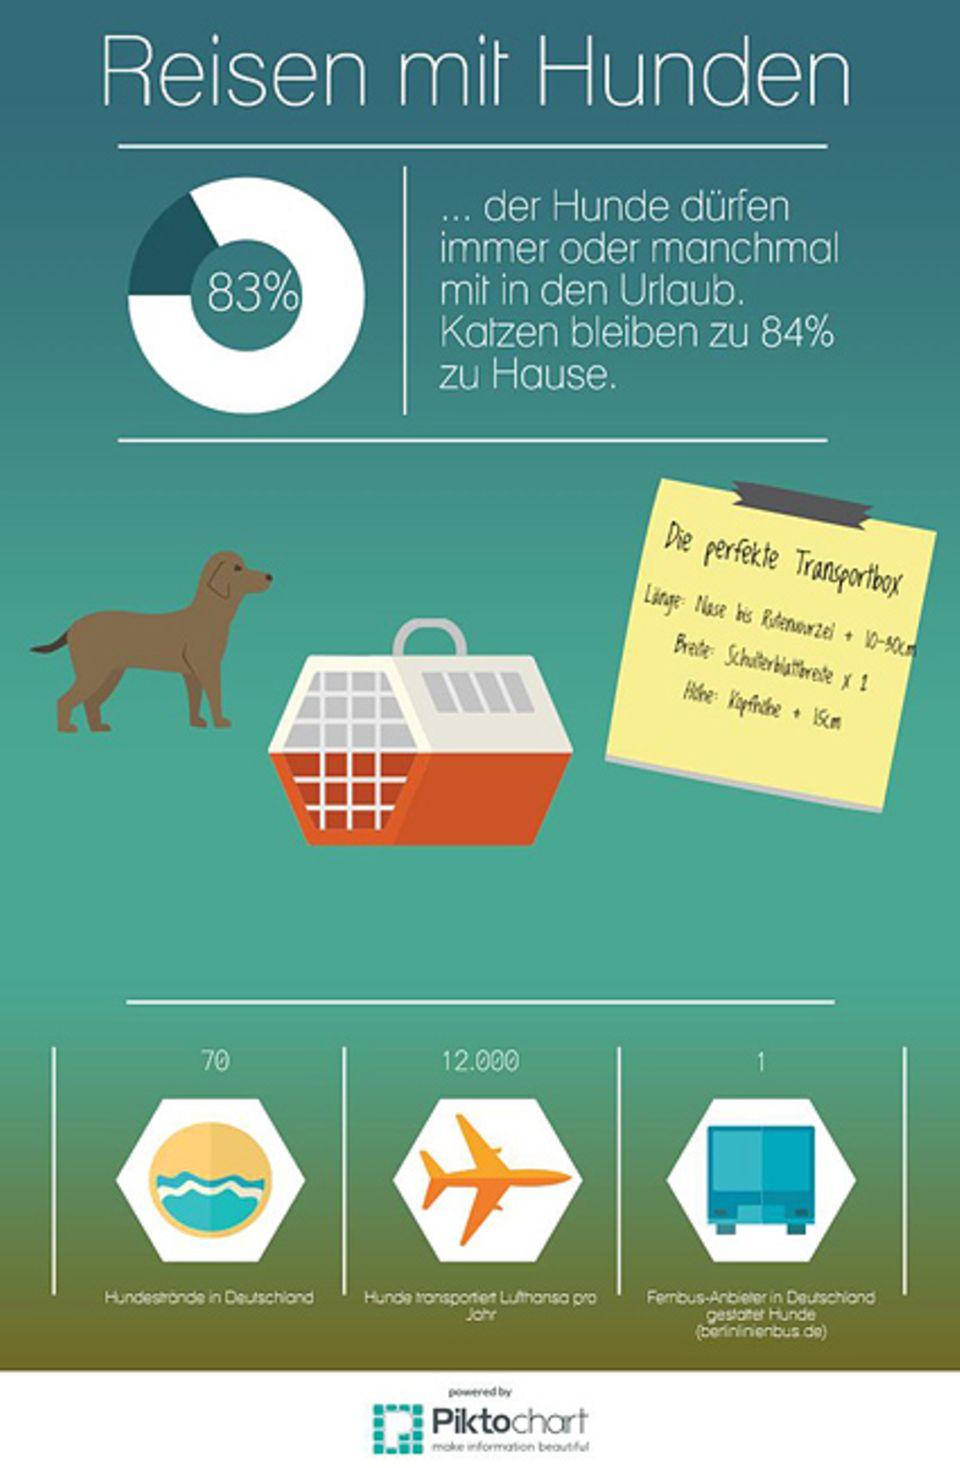 Tipps und Tricks: Infos und Tipps rund um das Reisen mit Hunden